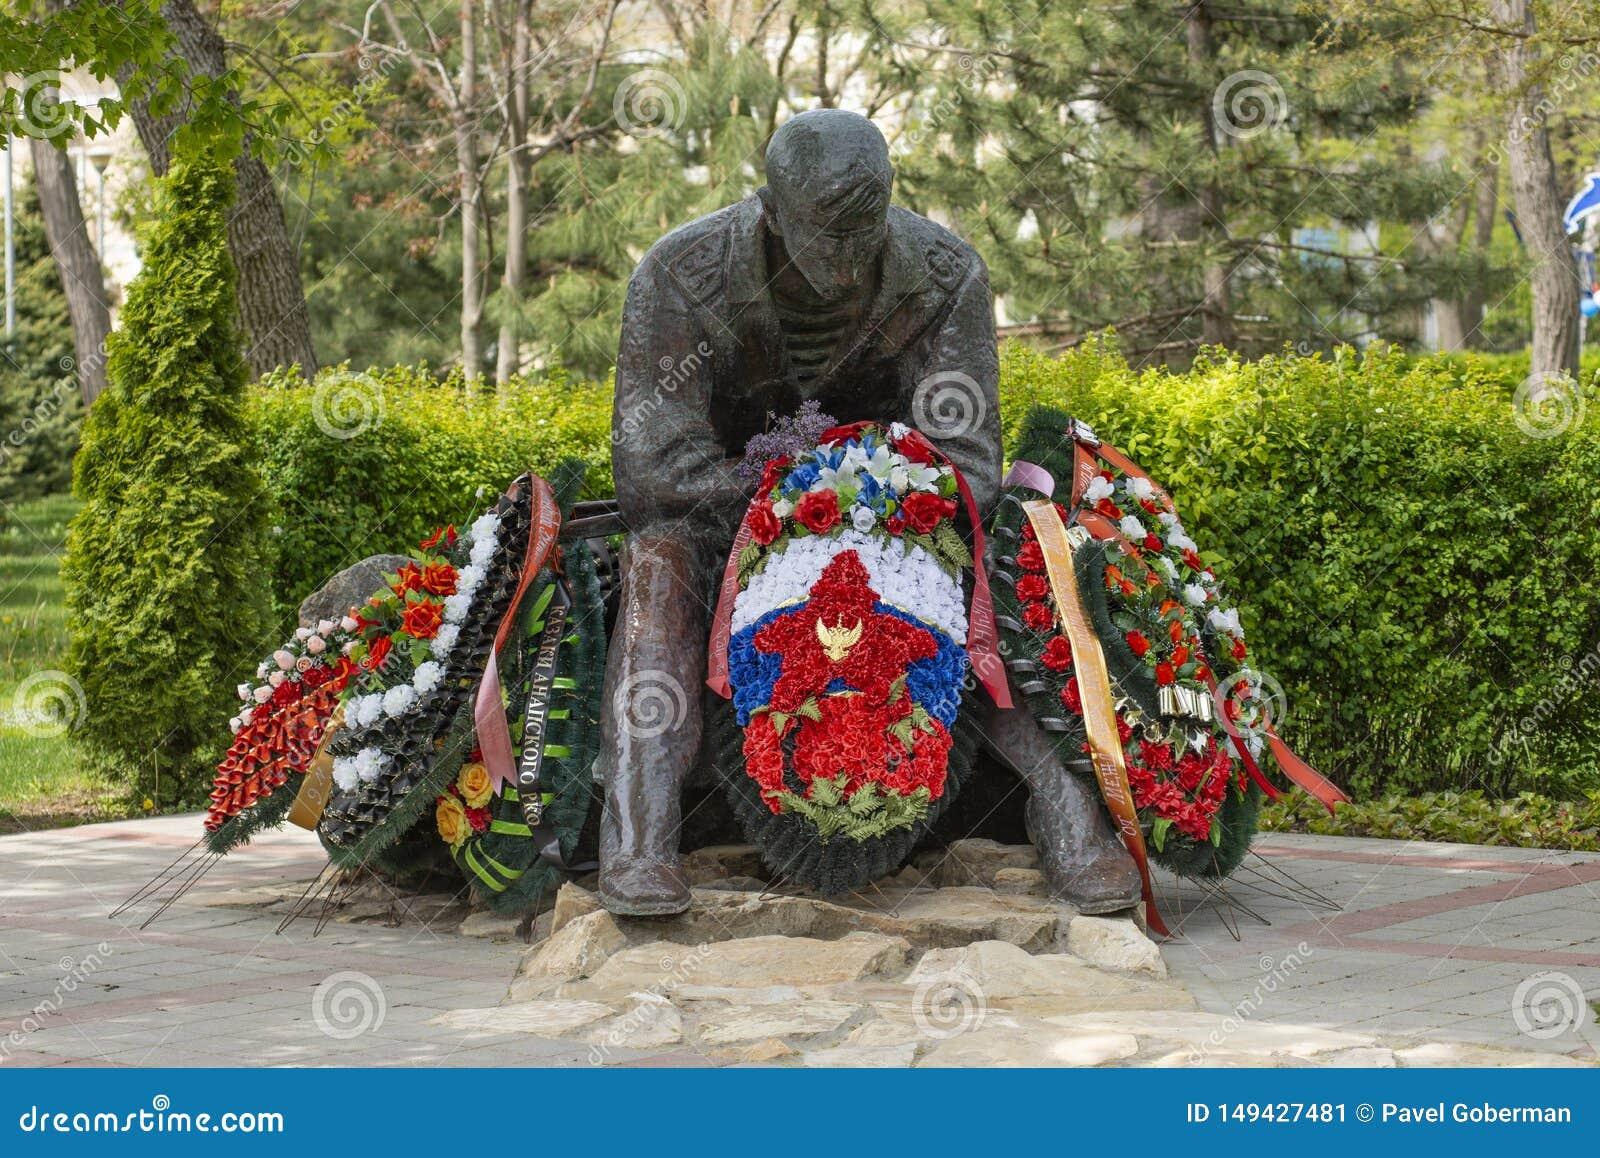 Anapa, Rusia - 9 de mayo de 2019: Monumento dedicado a las guerras de los afganos